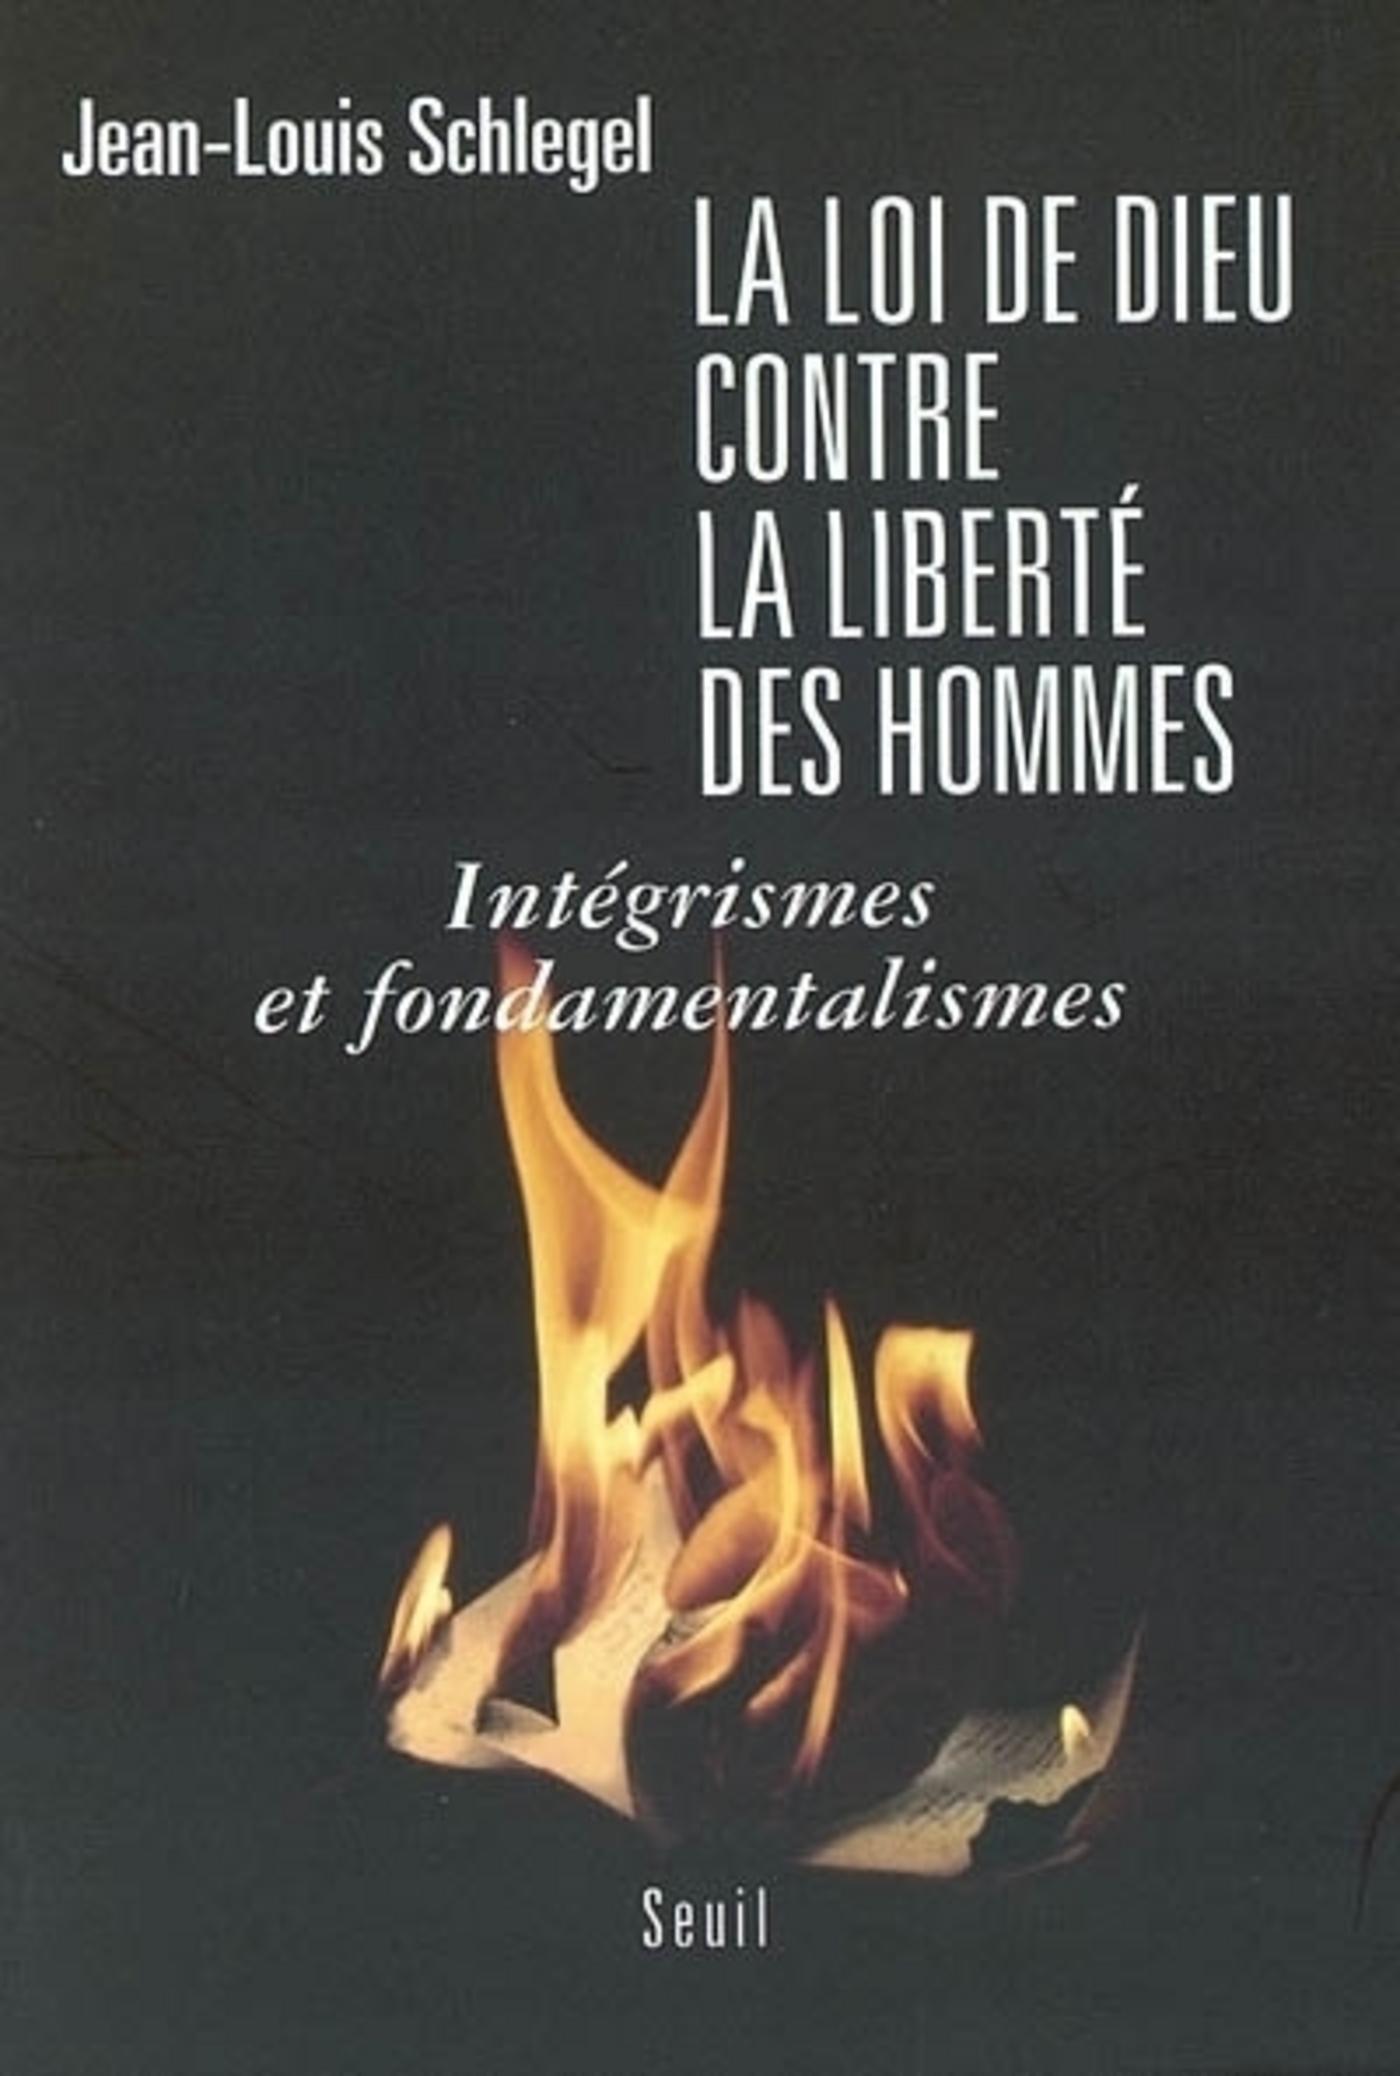 La Loi de Dieu contre la liberté des hommes. Intégrismes et fondamentalismes